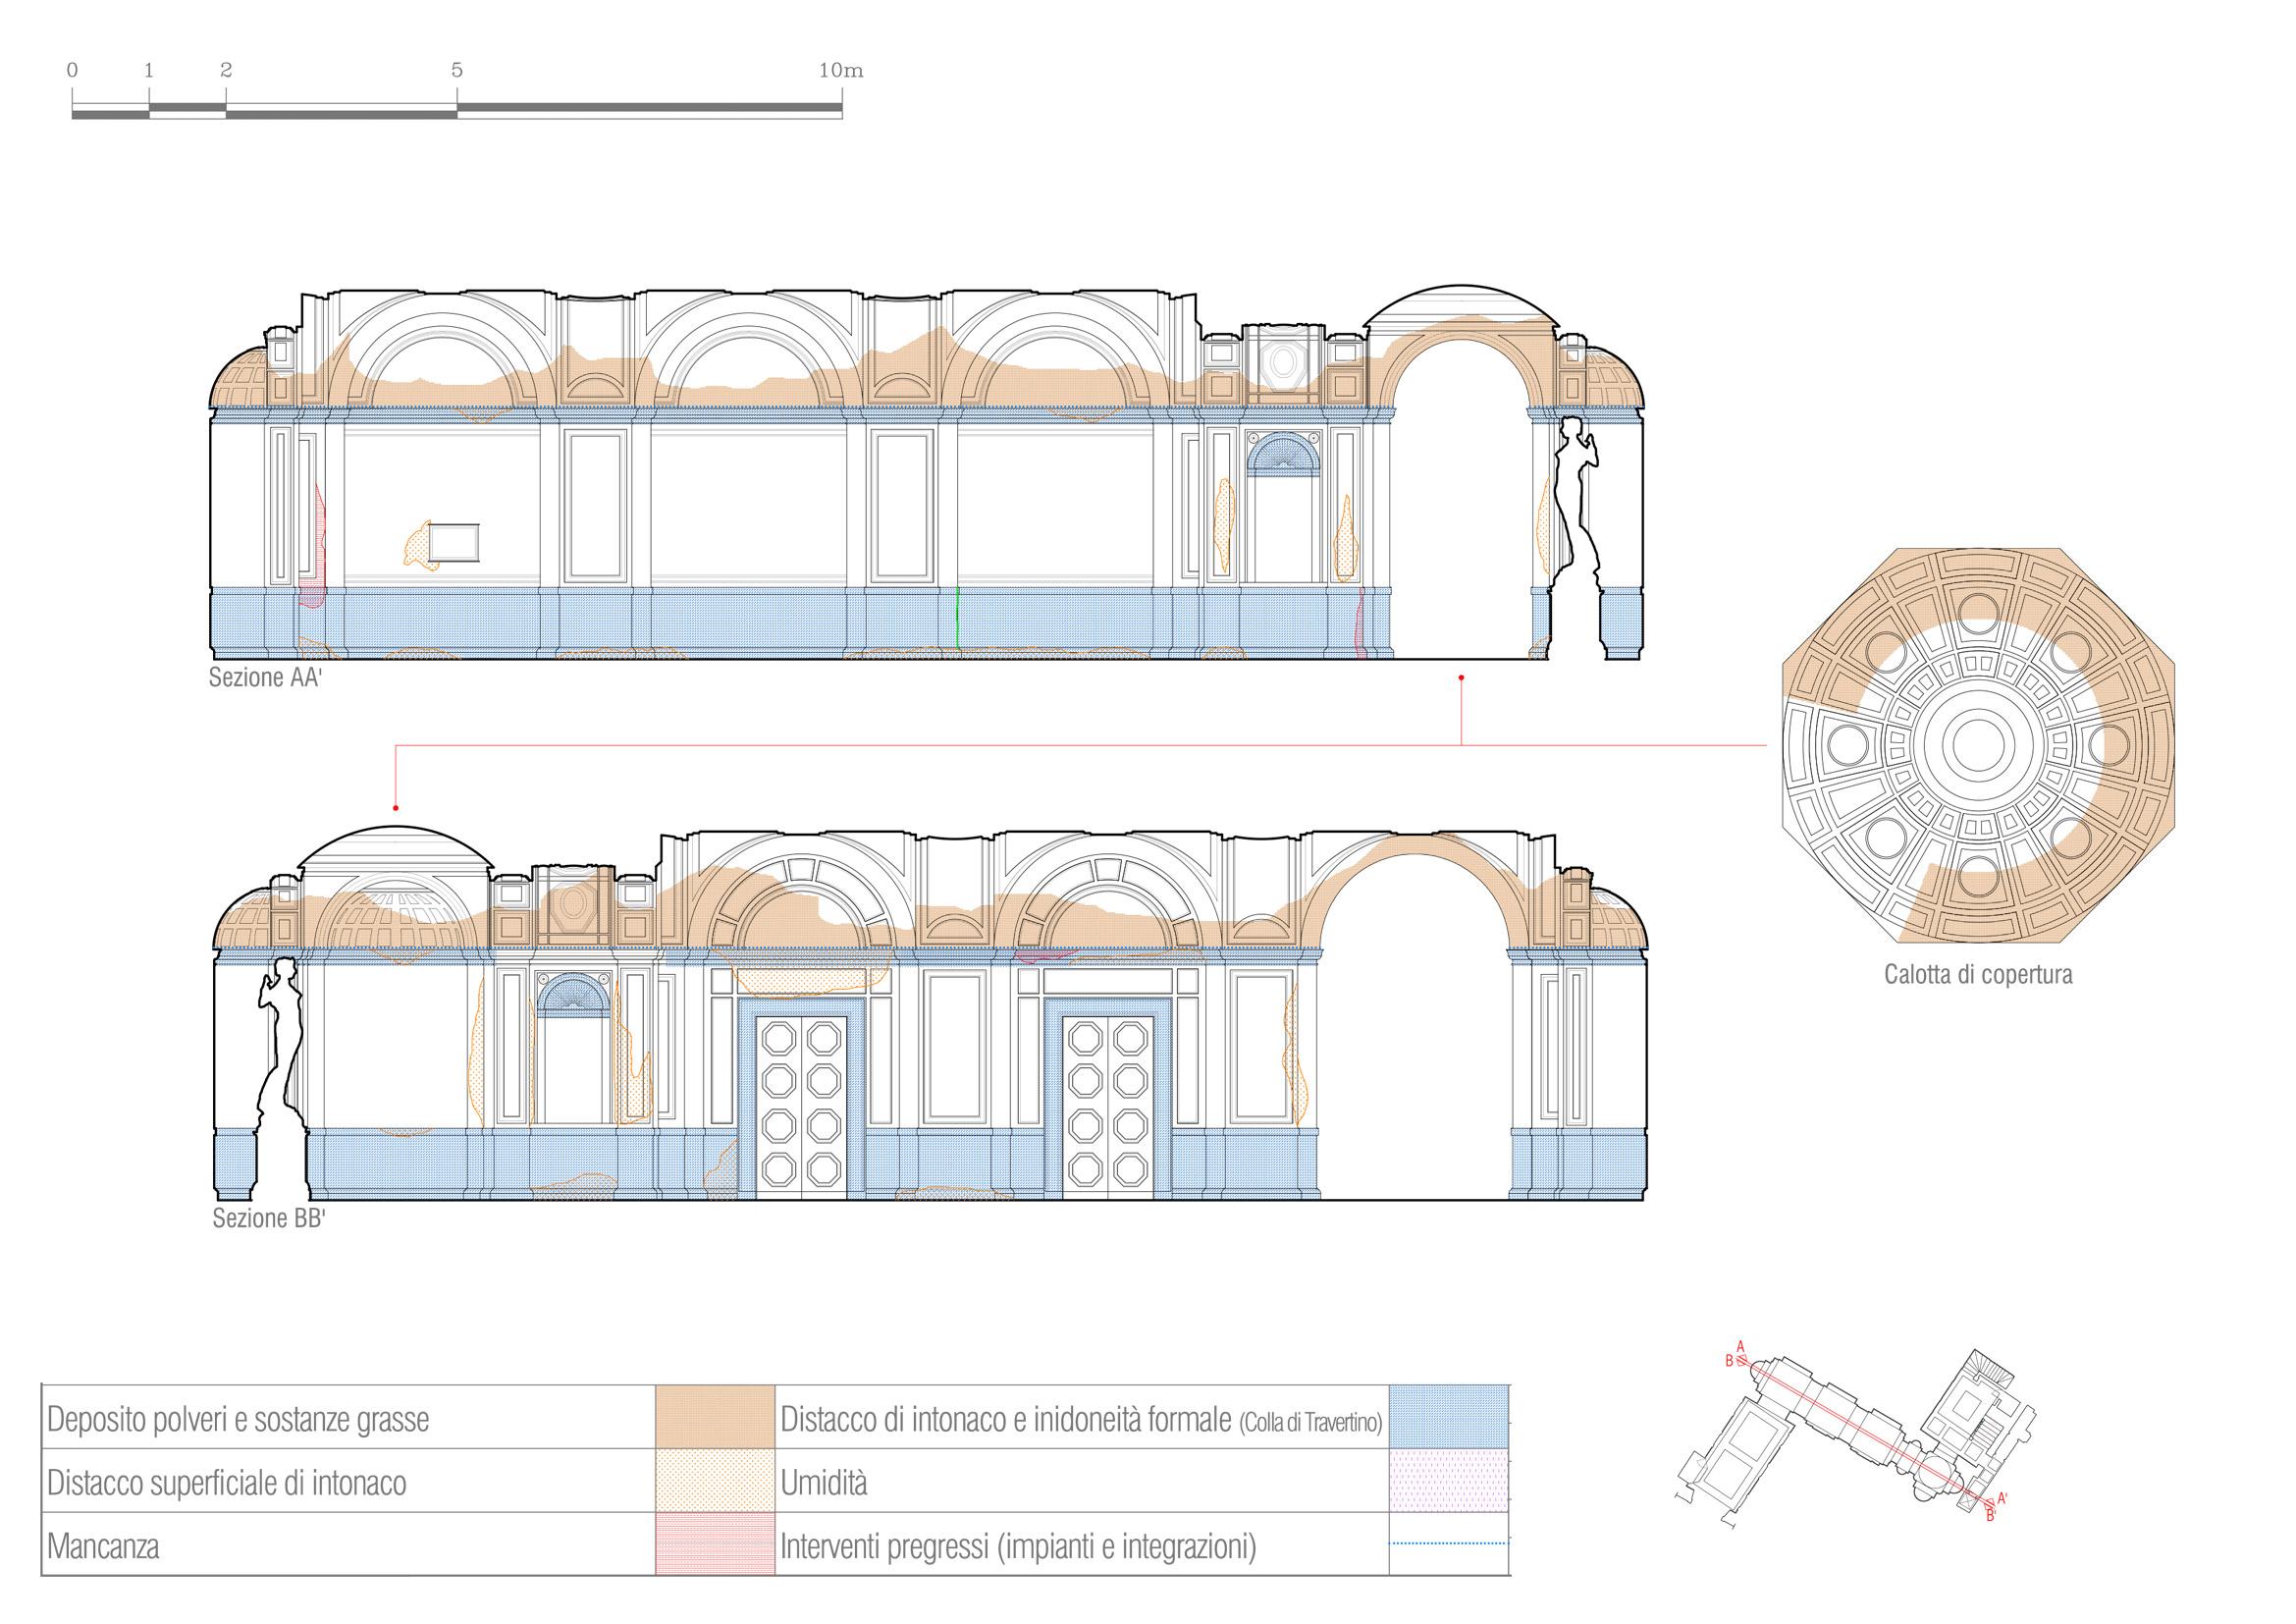 Micada-Group_2012-Generali_Via-Della-Mercede-Progettazione_Degrado-01.jpg